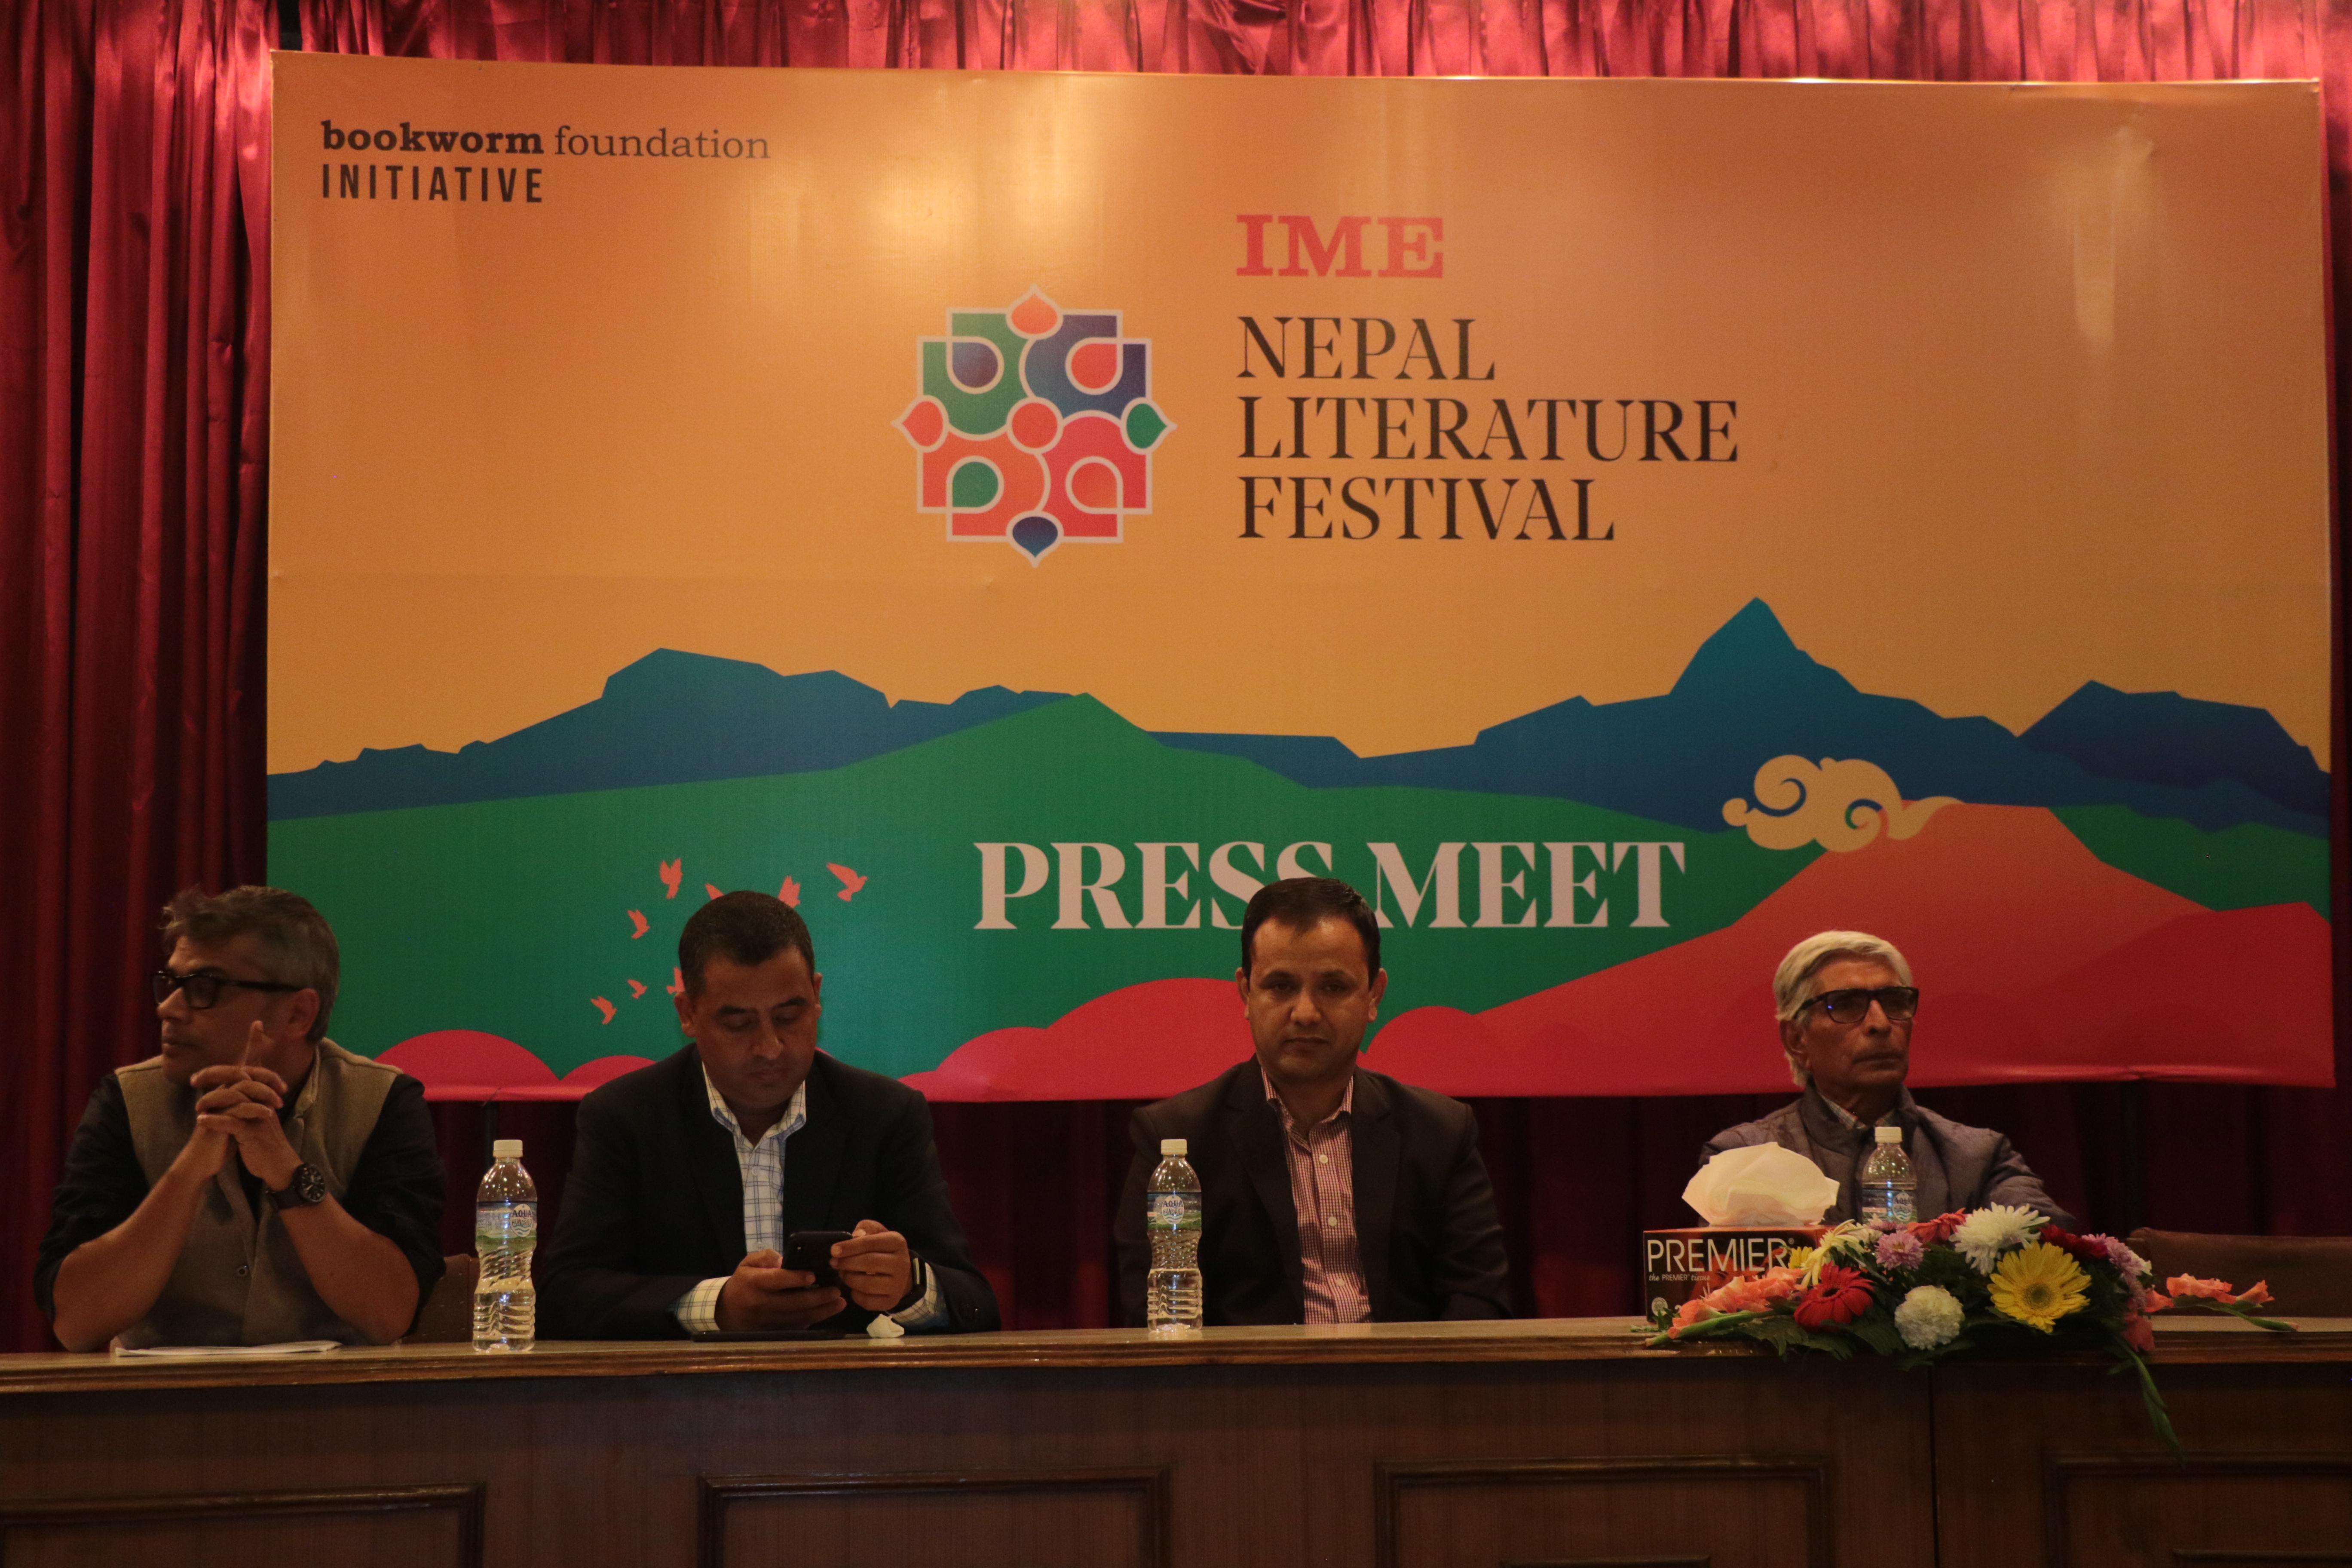 'आइएमई नेपाल लिटरेचर फेस्टिभल २०१८' पोखरामा हुँदै